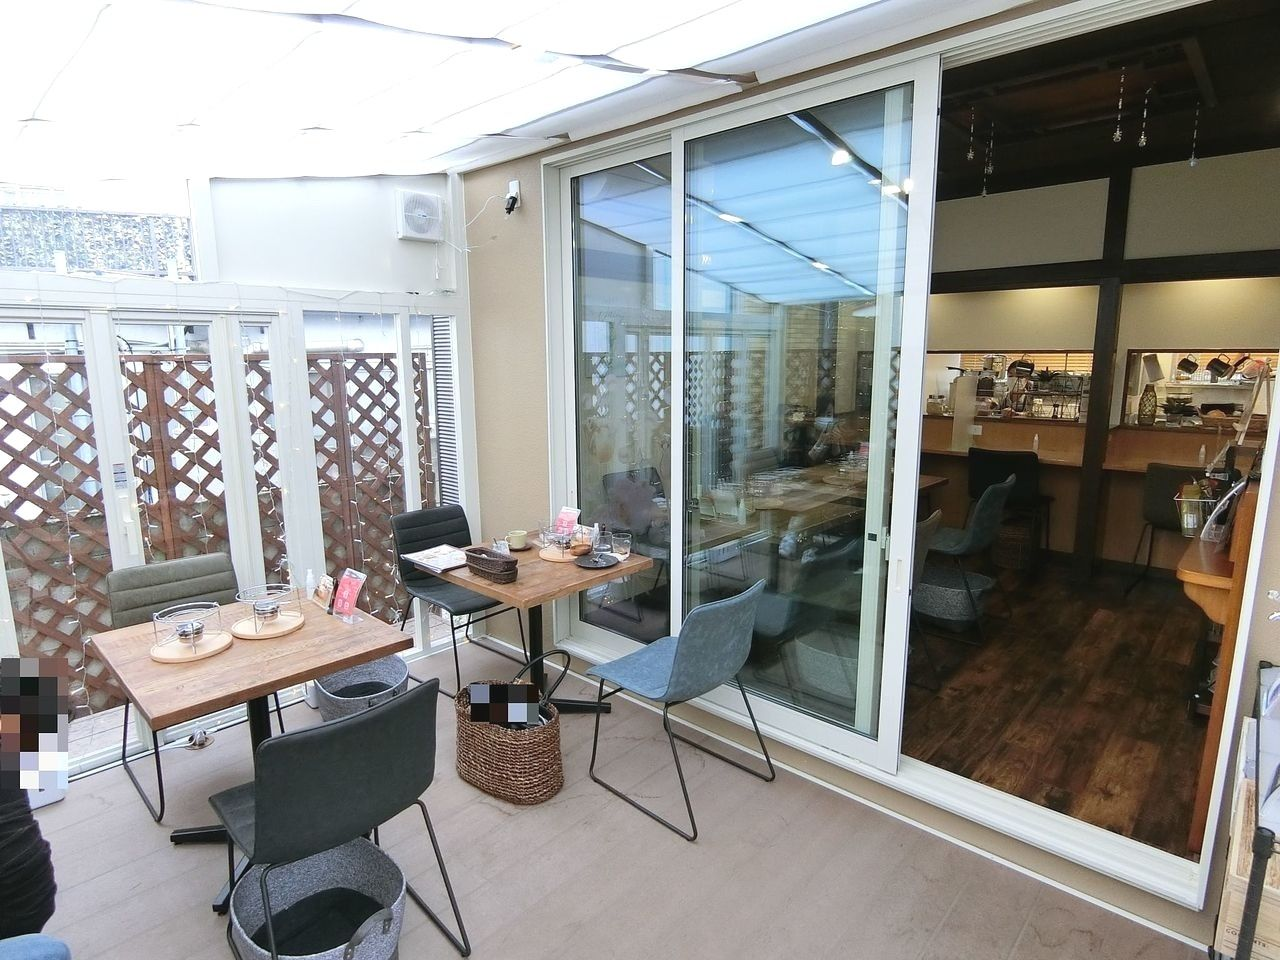 板橋区前野町3丁目のcafe de cuore(カフェドクオーレ)